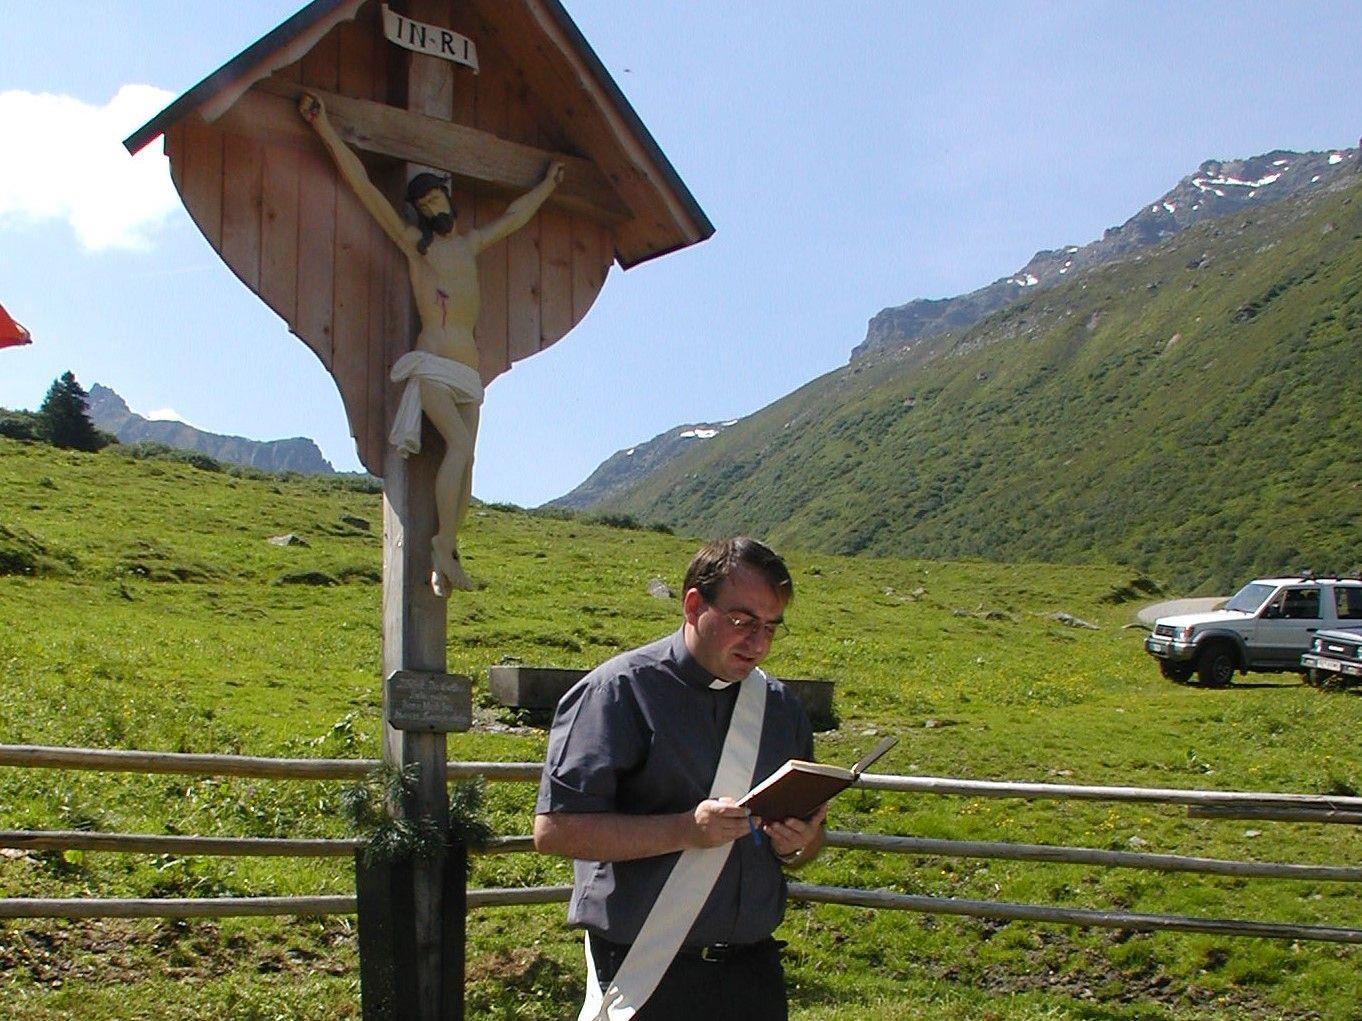 Pfarrer Hans Tinkhauser wird die Radiomesse feiern